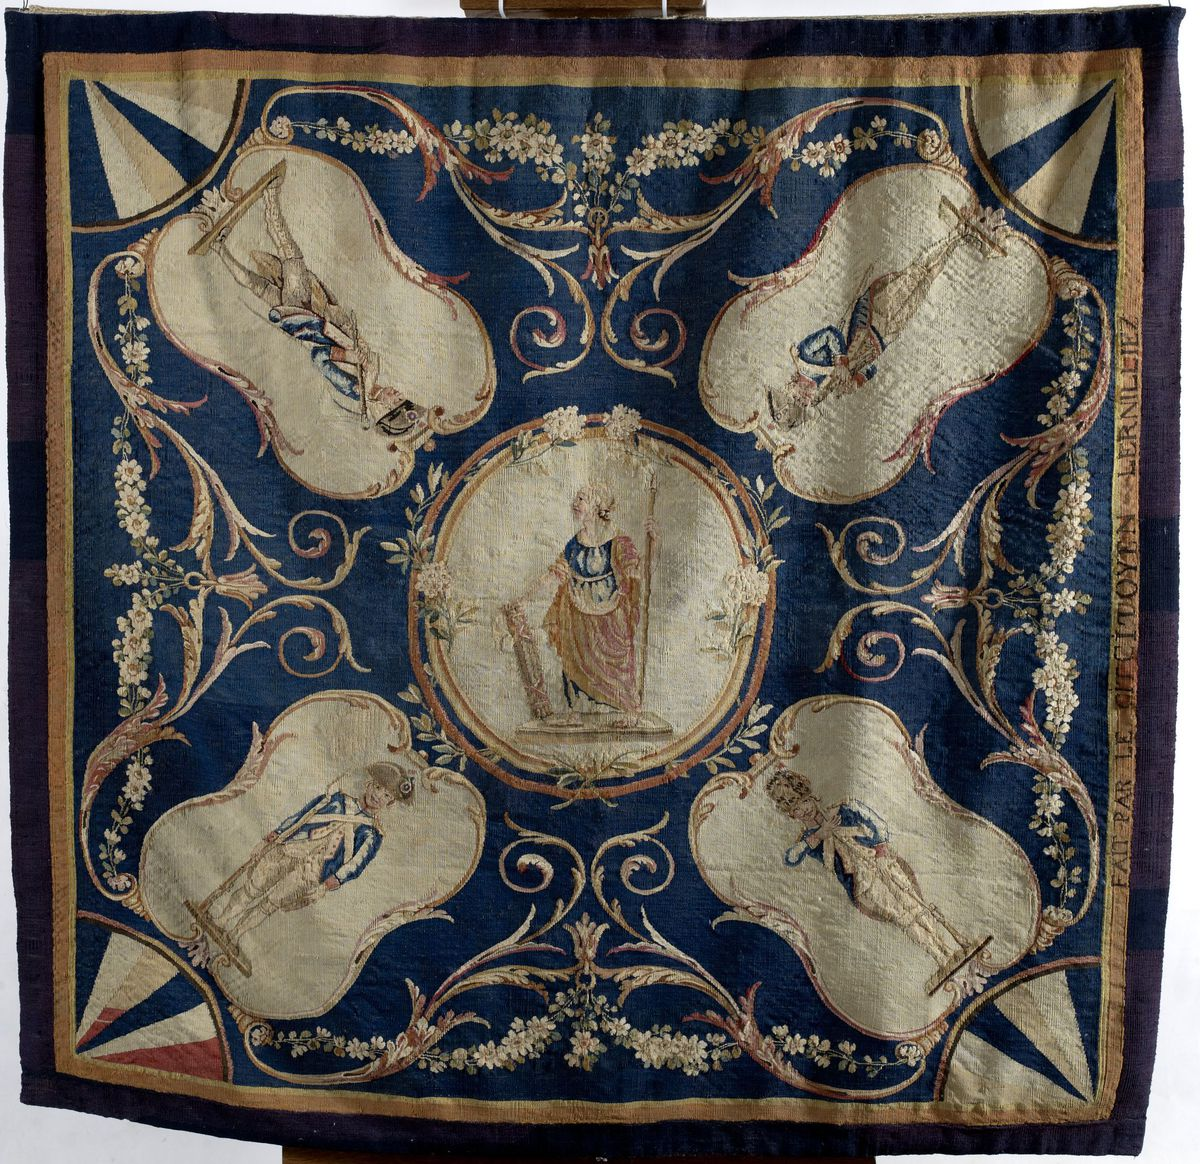 Tapisserie au décor de la République. Textile